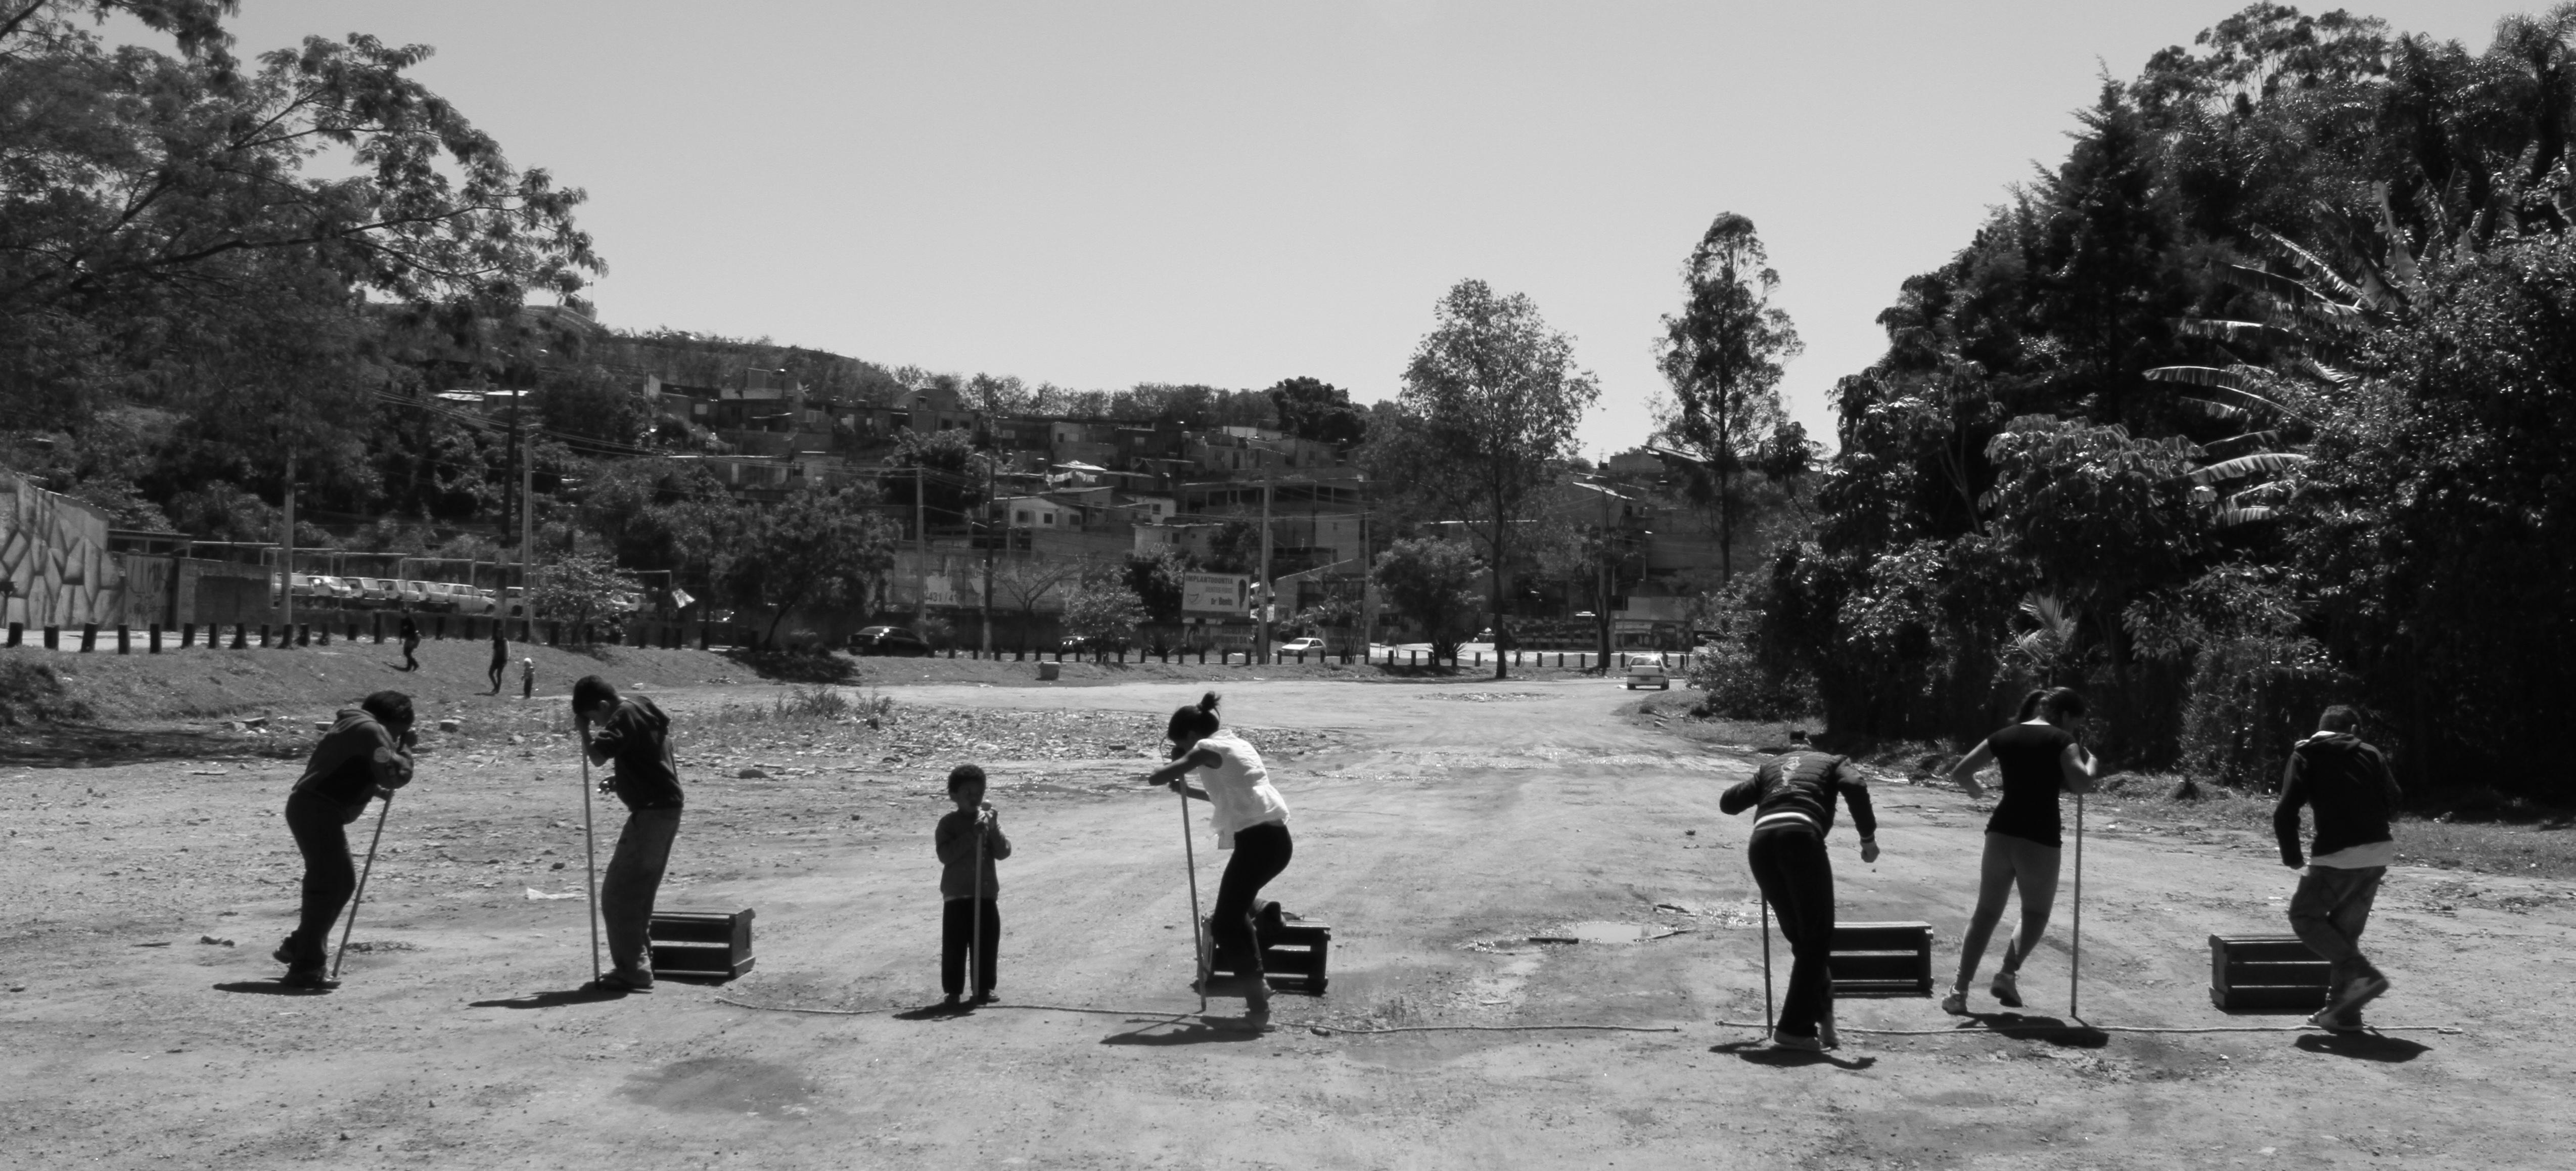 Foto em preto e branco de um grupo de crianças brincando, em um parque de terra, com alguns caixotes e pedaços de madeira. Ao fundo muitas árvores.